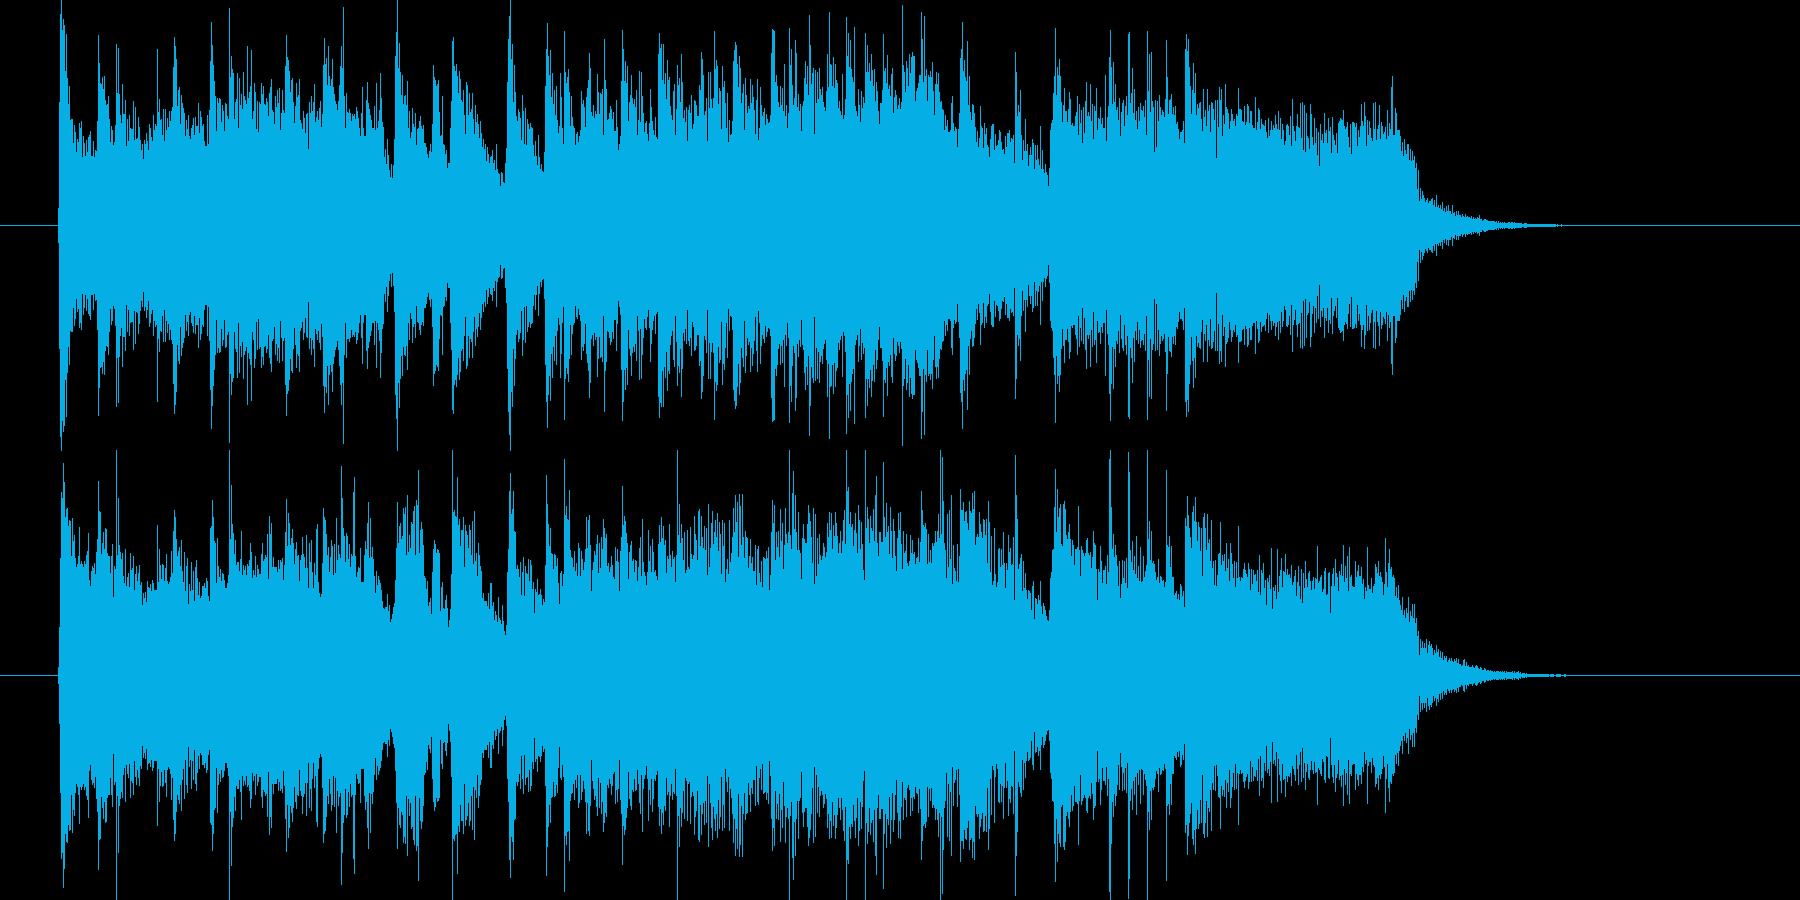 力強く勢いのあるショートミュージックの再生済みの波形